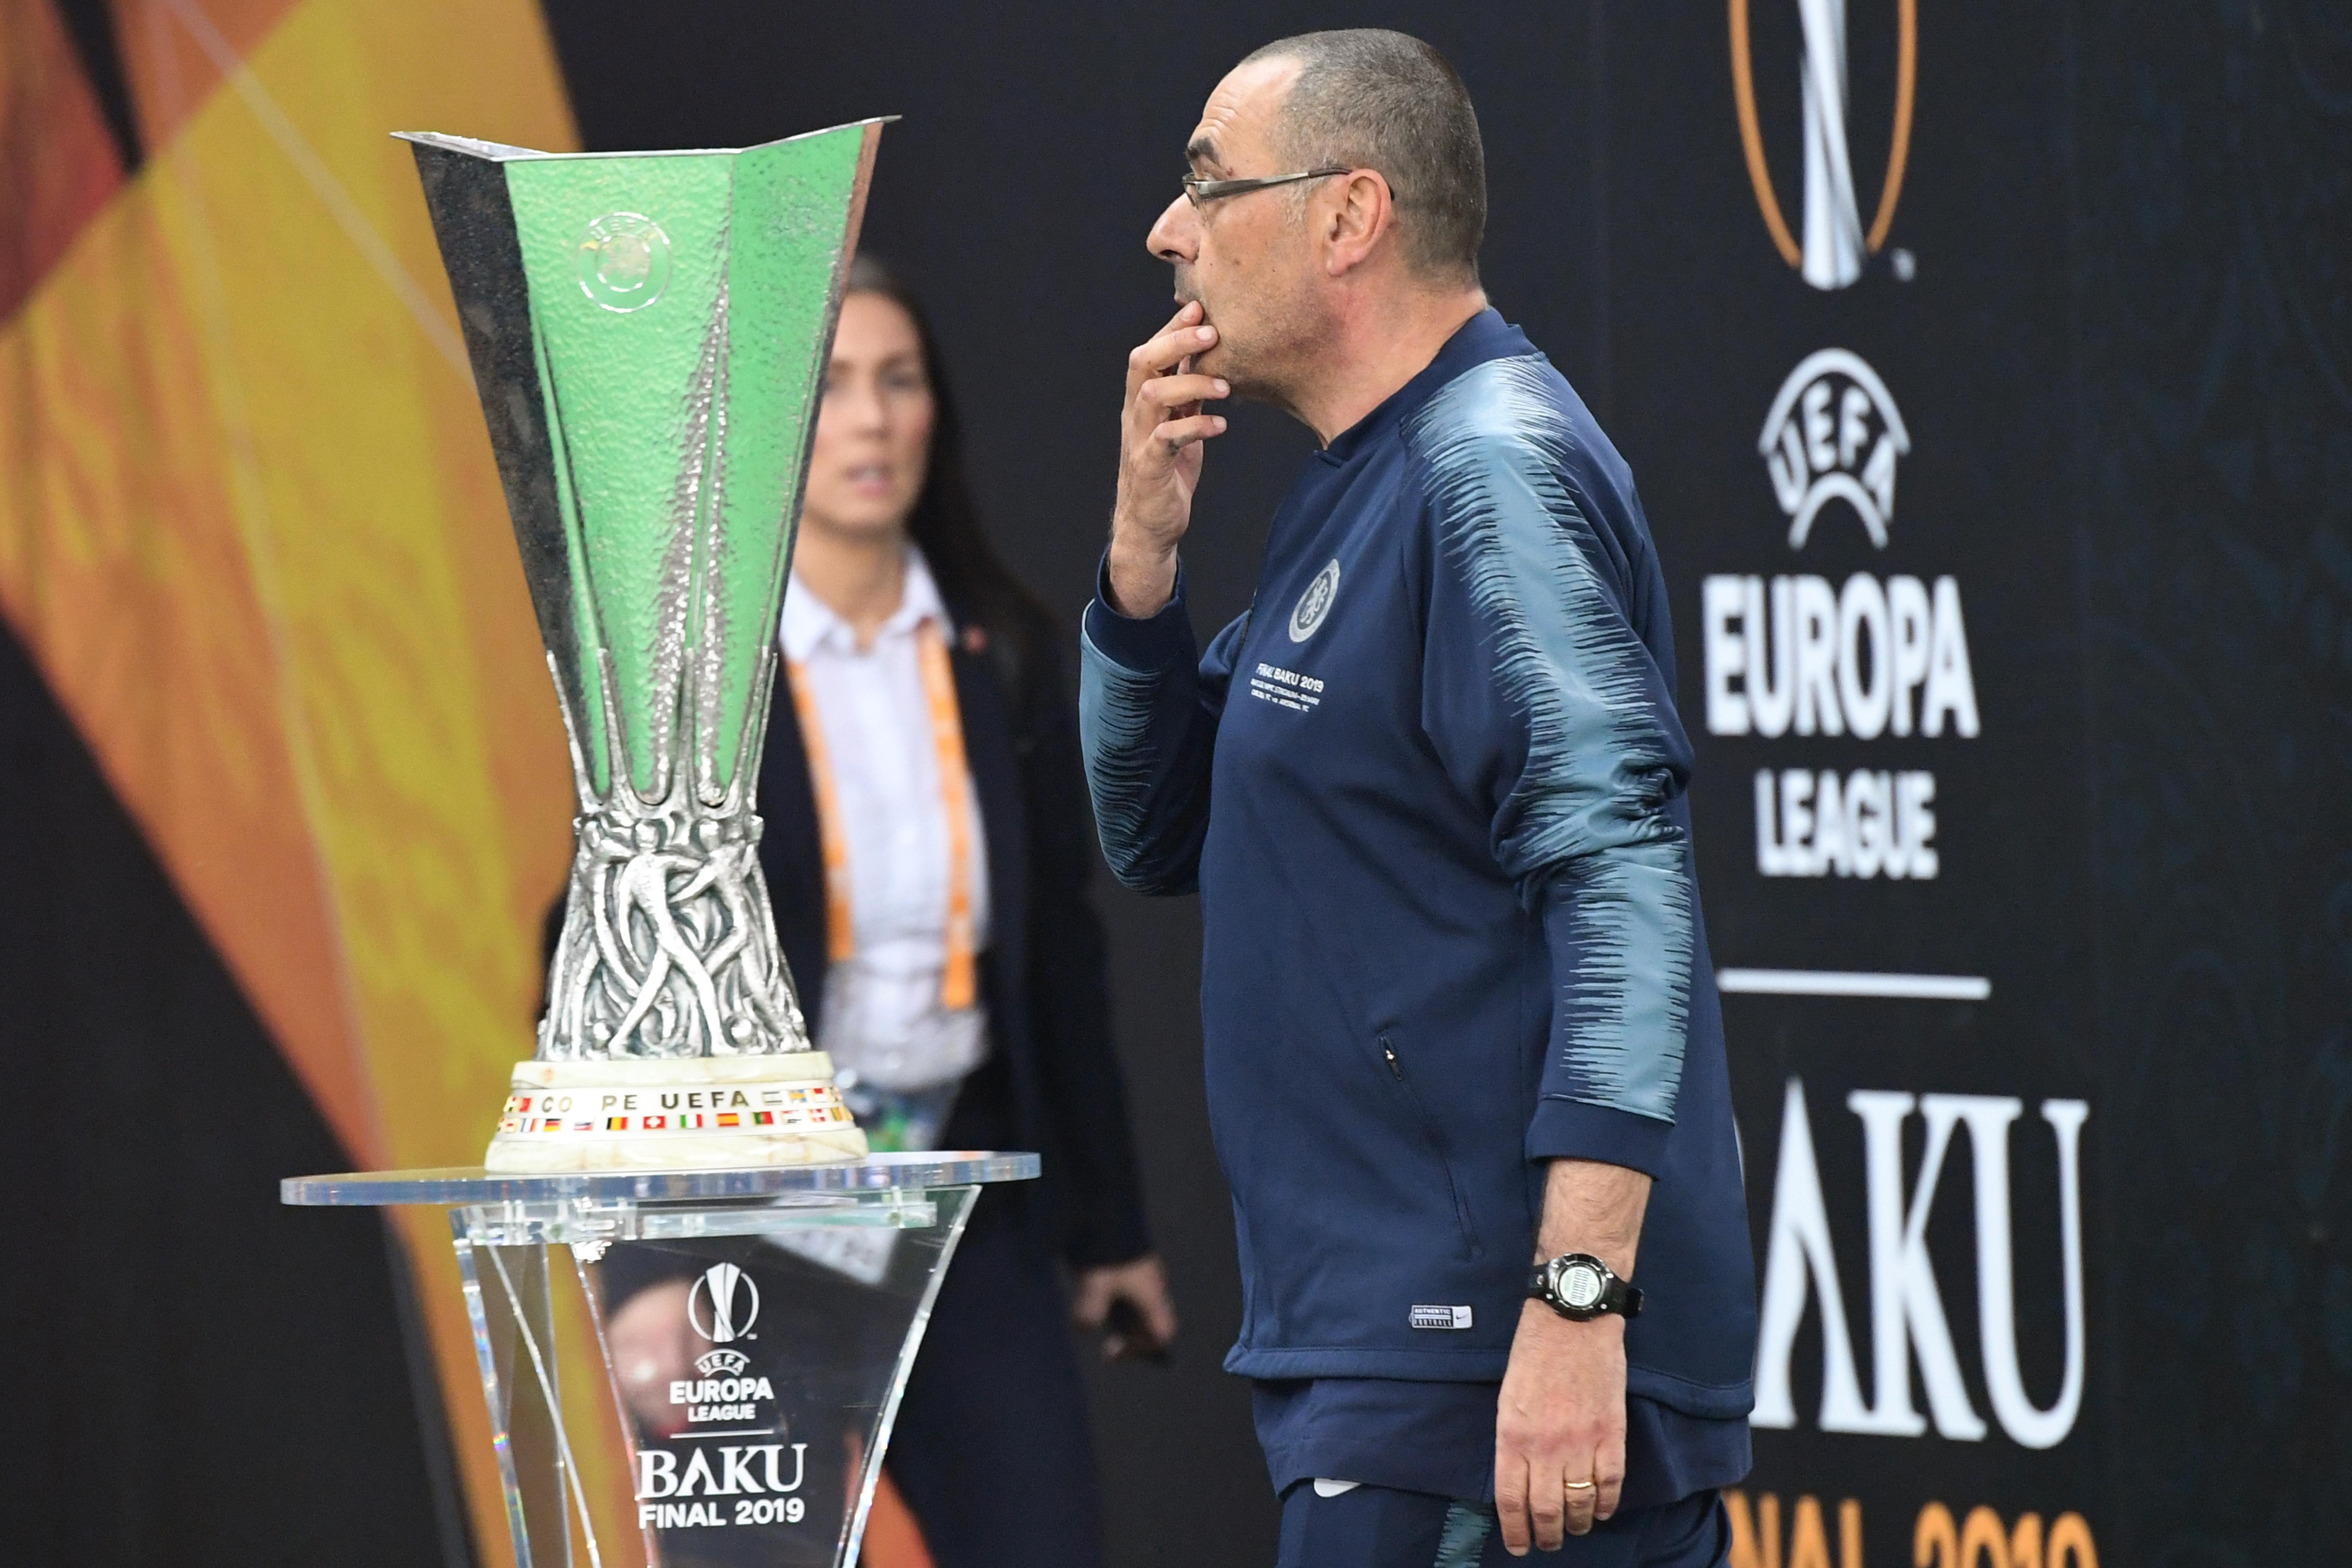 ماوريسيو ساري أمام كأس الدوري الأوروبي قبل بداية النهائي بين تشيلسي وأرسنال